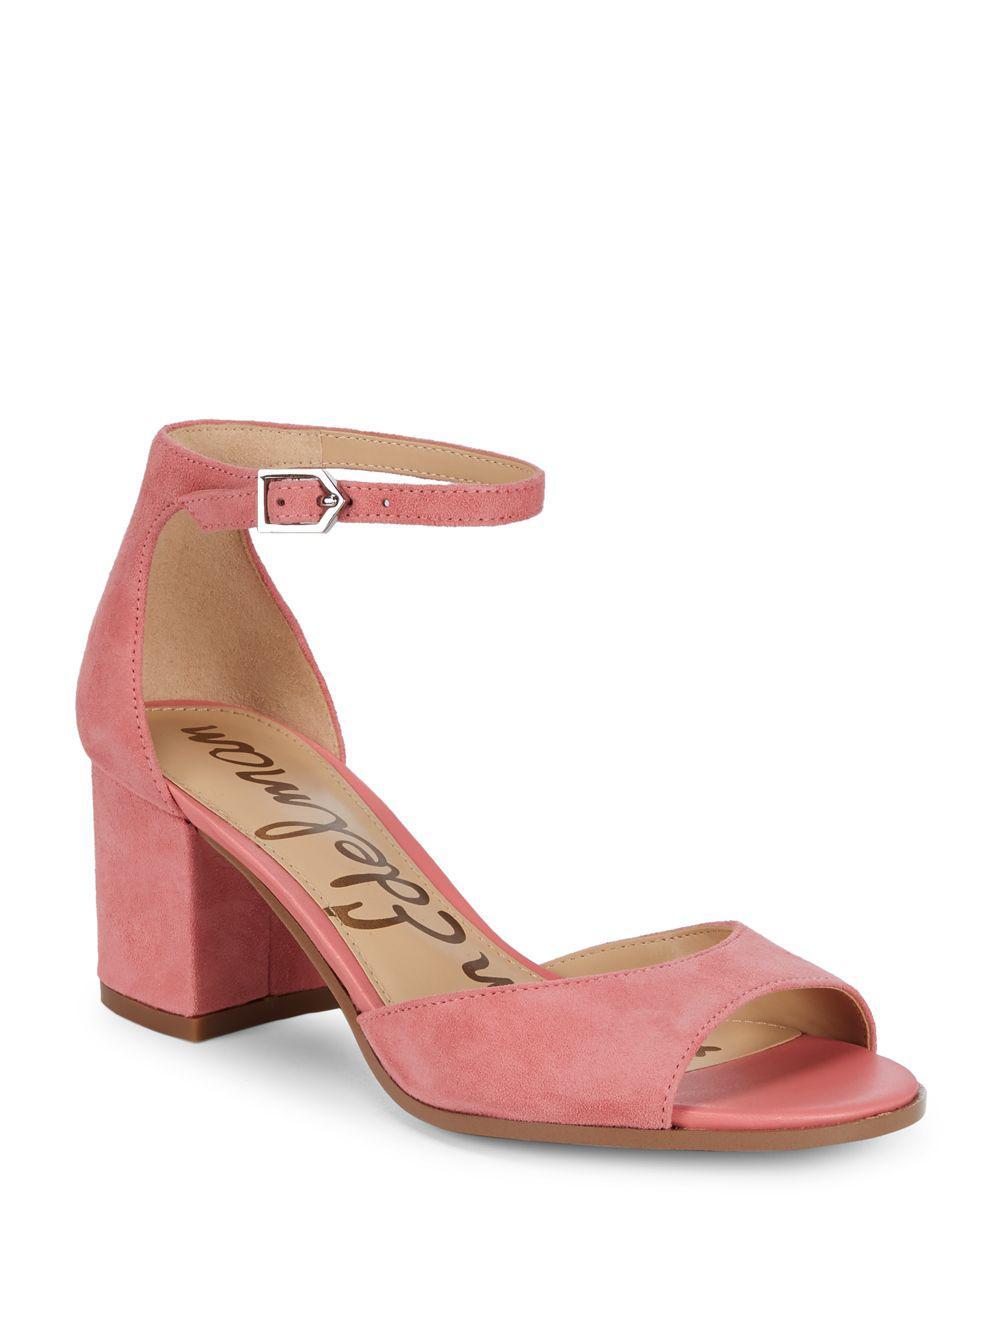 dd757b55c58e98 Lyst - Sam Edelman Susie Suede Sandals in Pink